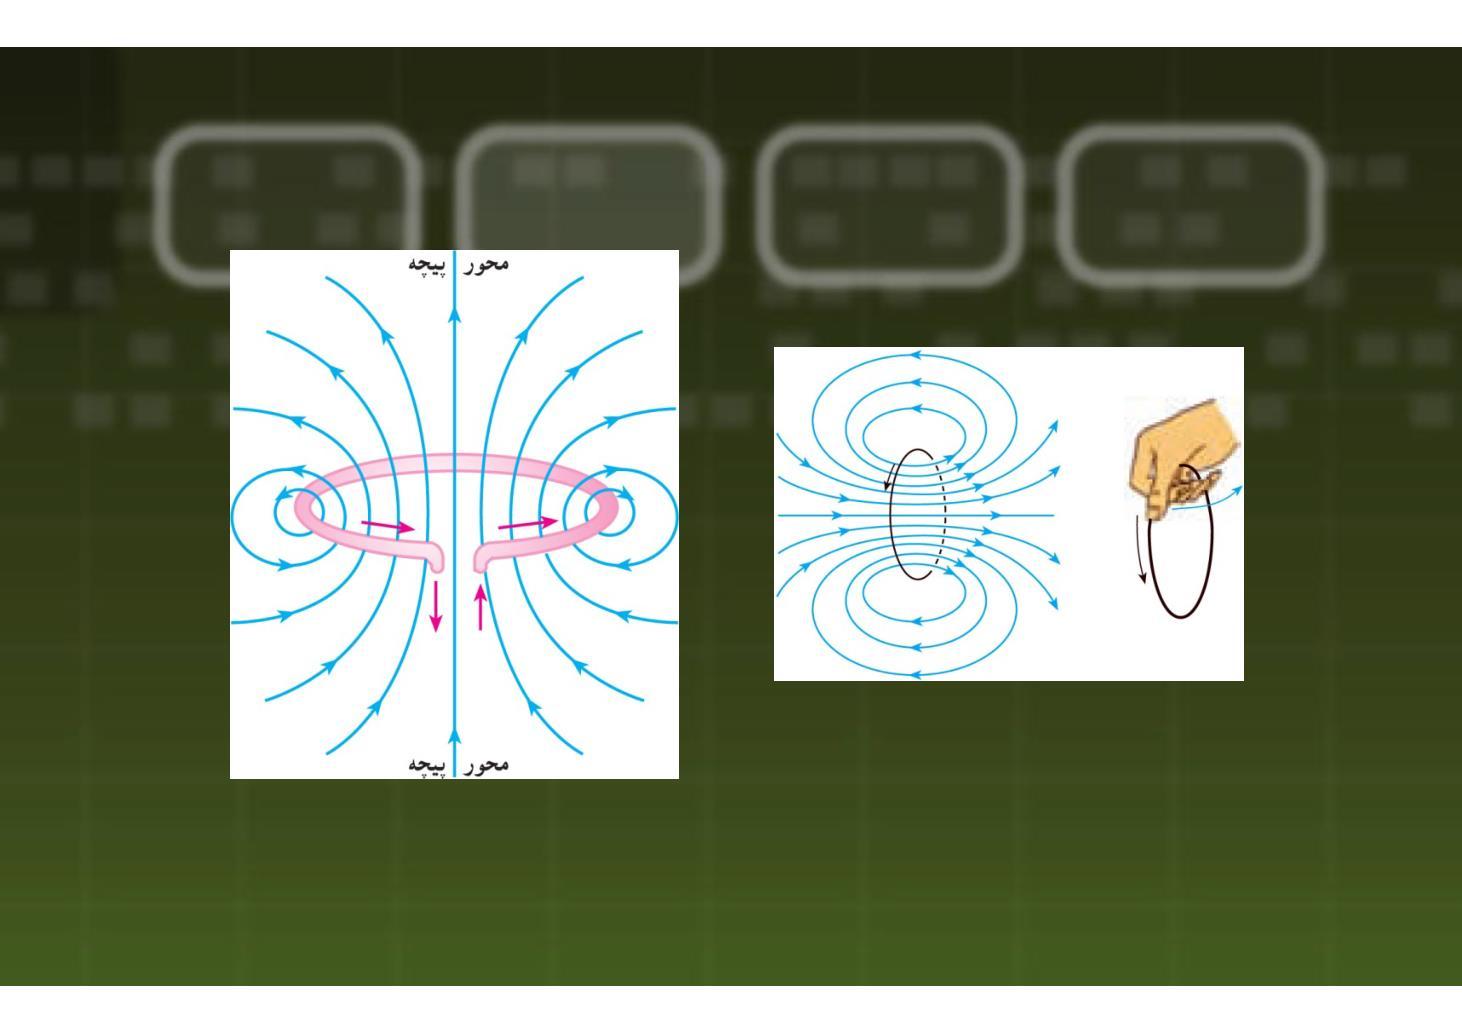 فیزیک ٣- فصل ٣ (فصل ۴ ریاضی)- میدان مغناطیسی ناشی از جریان الکتریکی در یک سیمپیچ مسطح- بخش ١ (PDF)